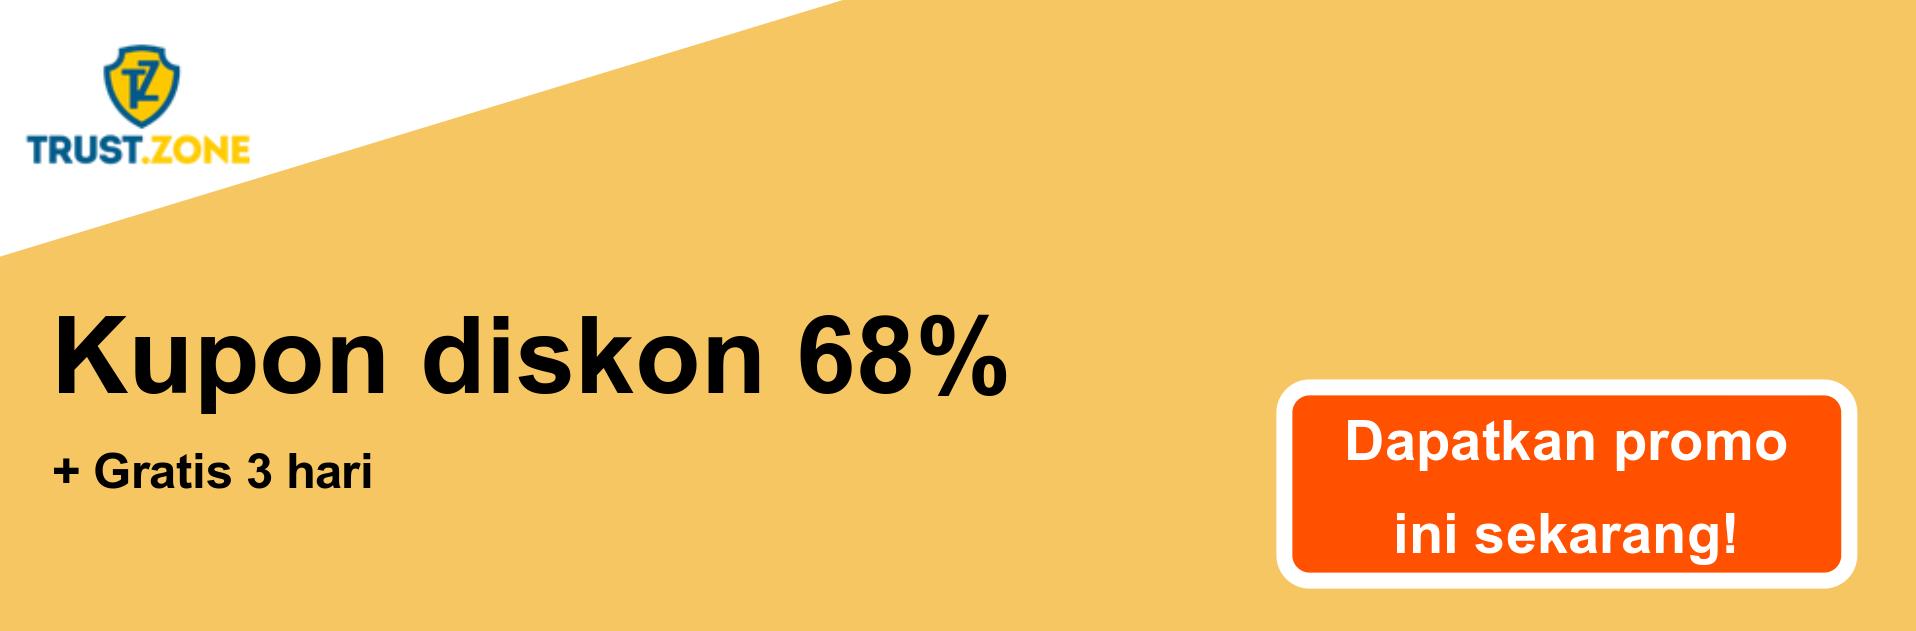 Spanduk kupon VPN Trust.Zone - diskon 68%